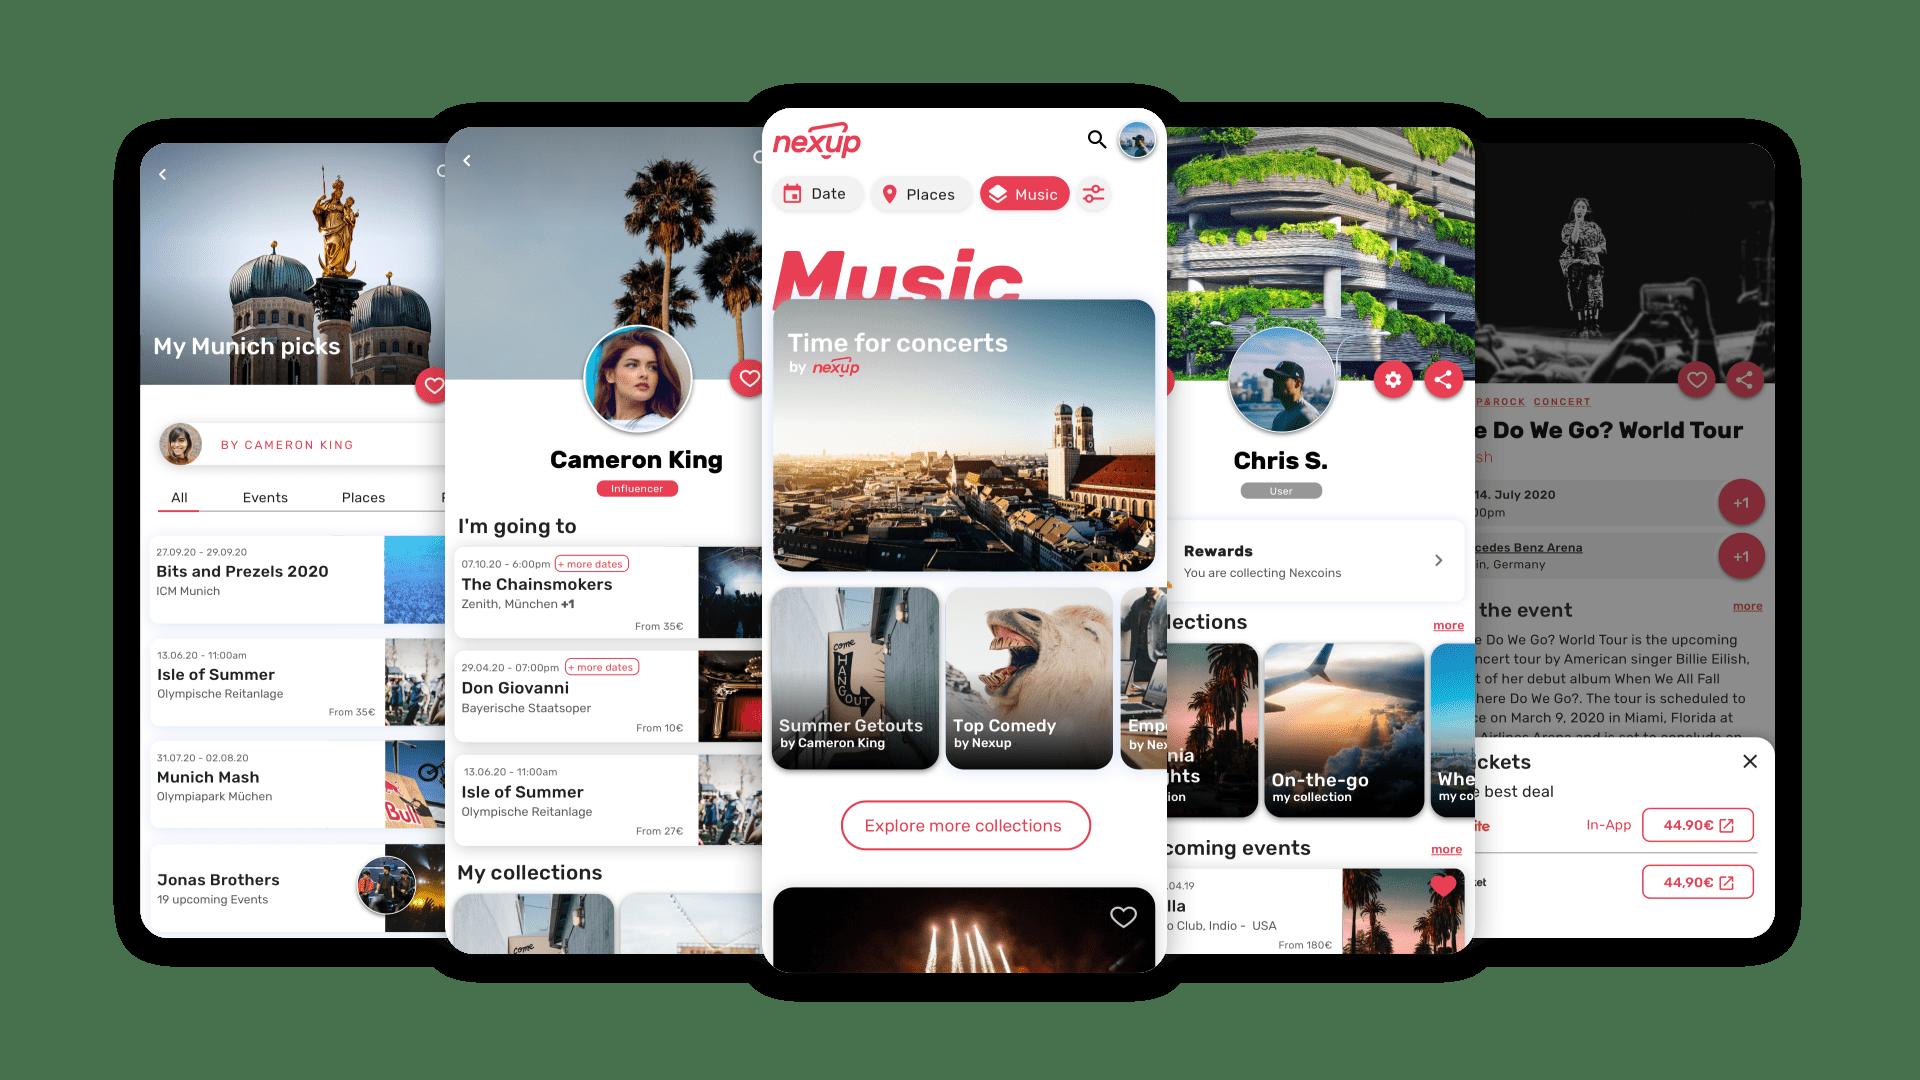 Nexup App